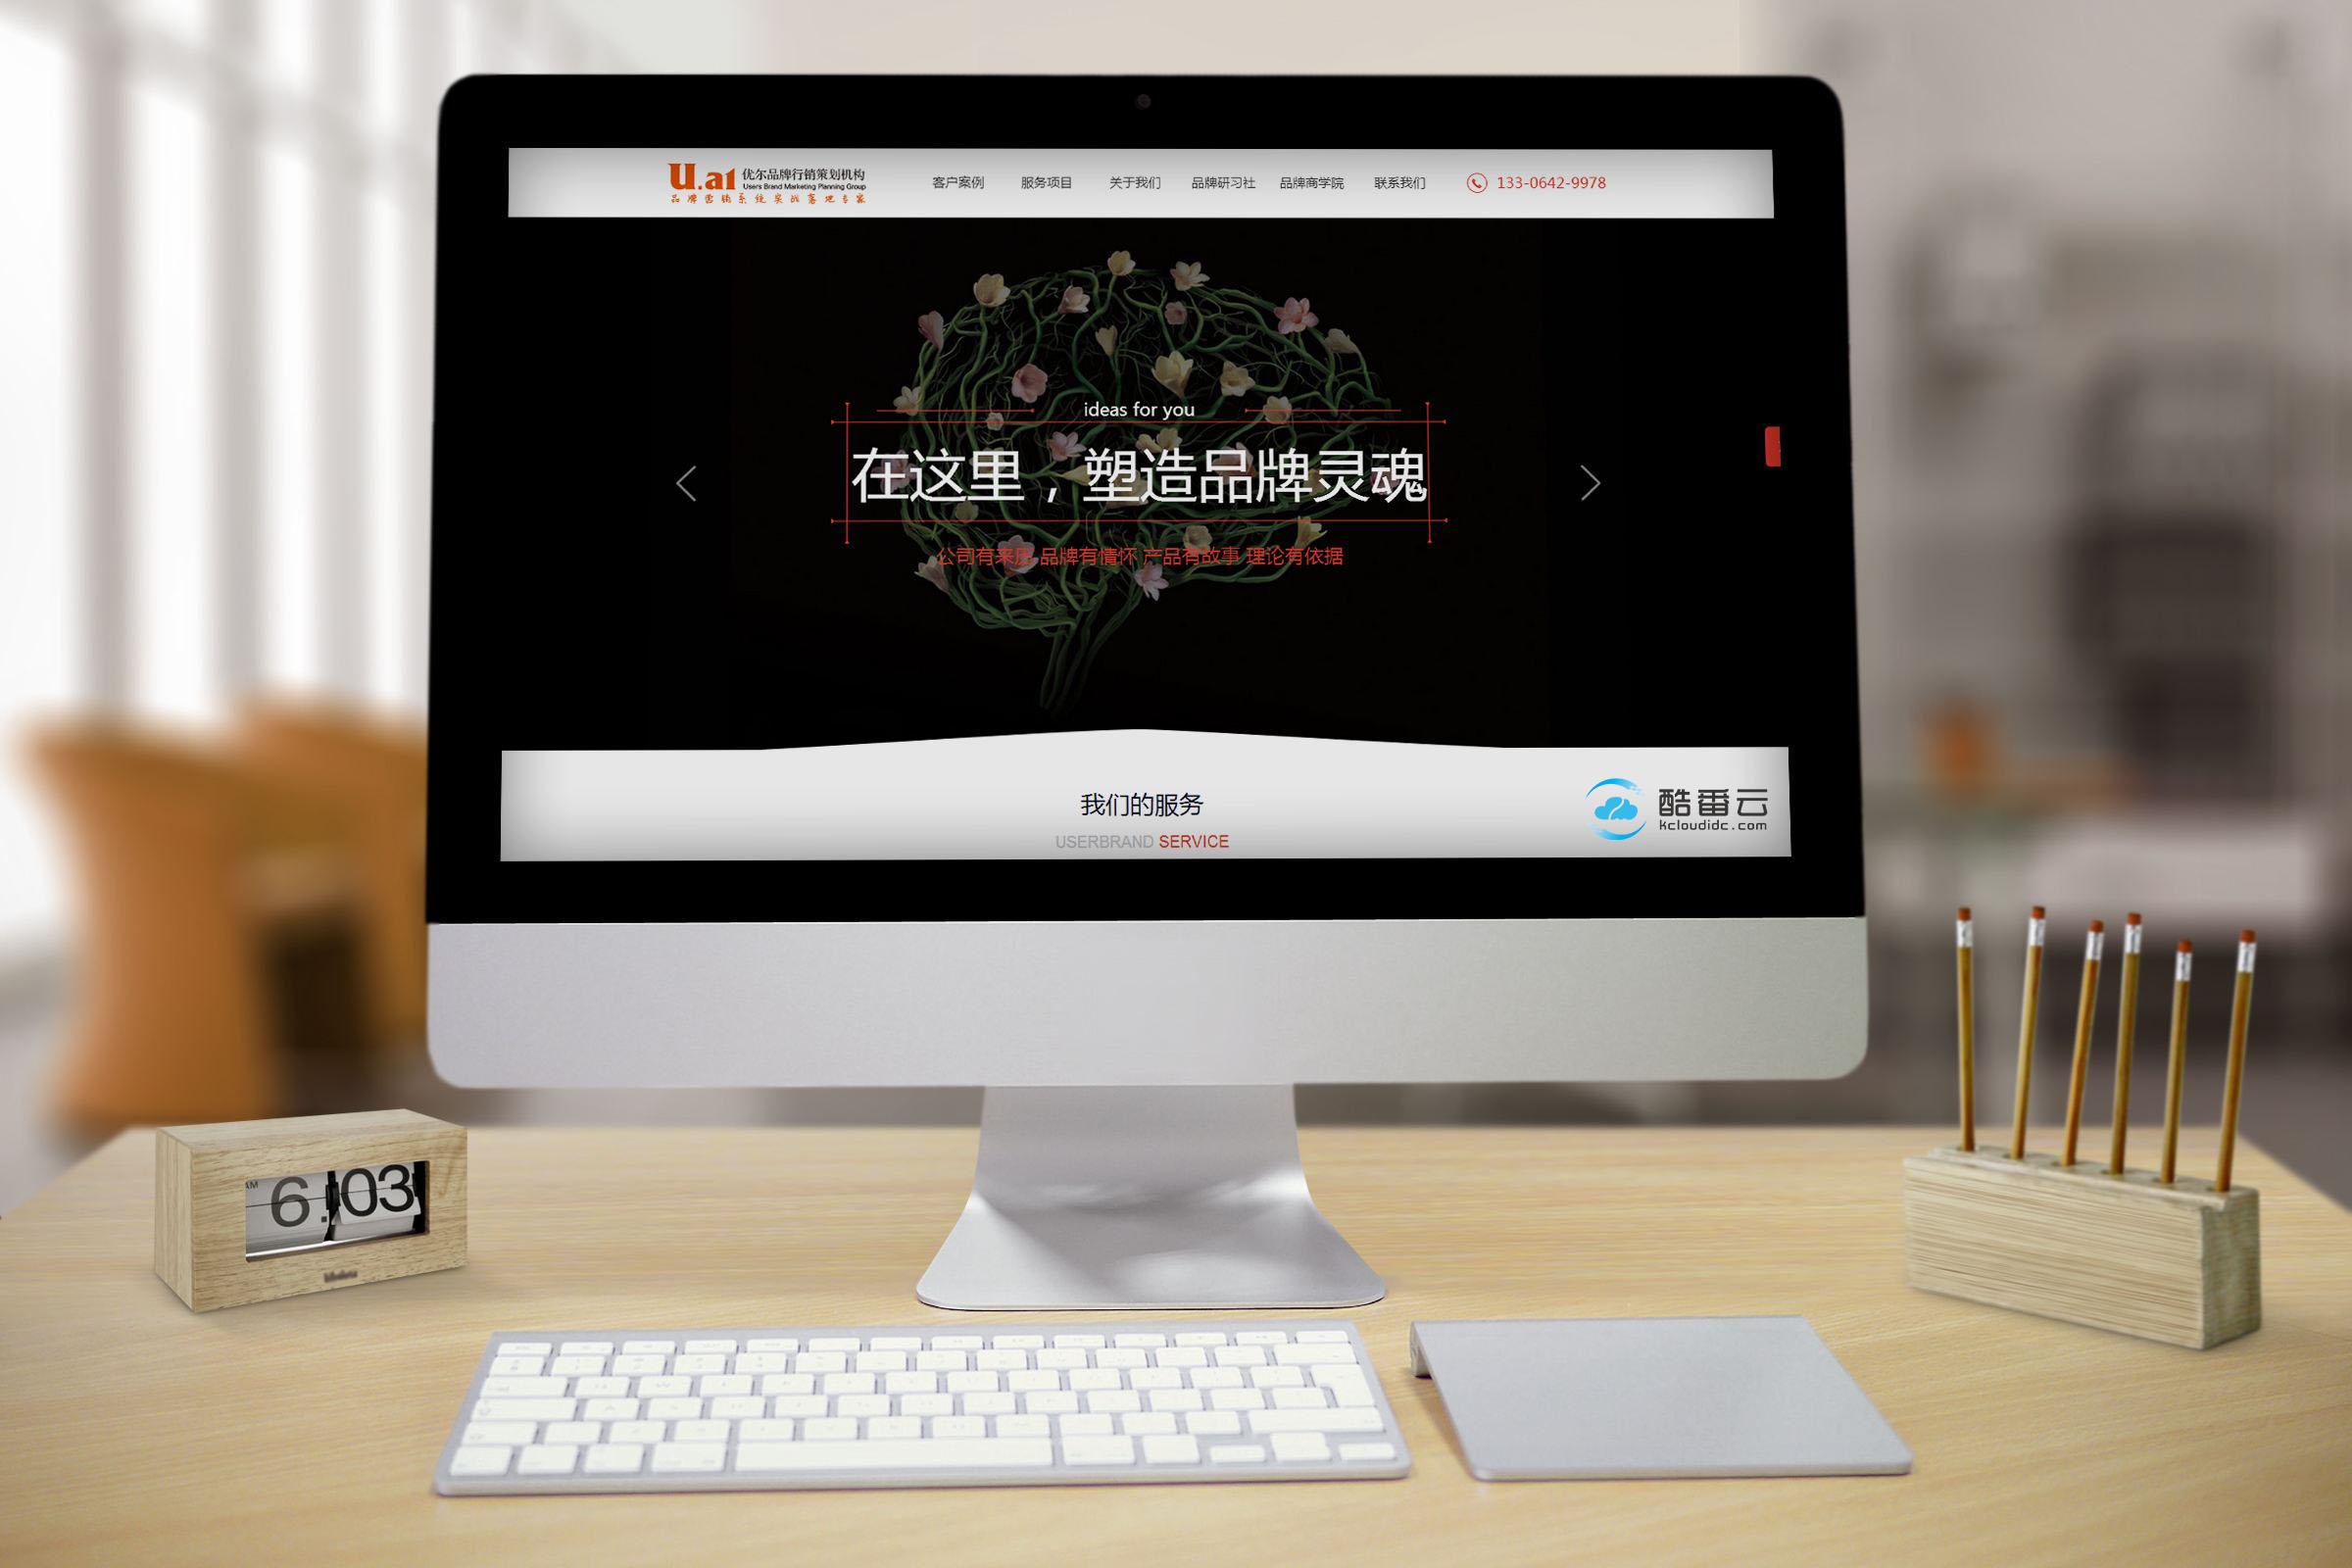 如何找出网站被镜像的两个简单解决方法